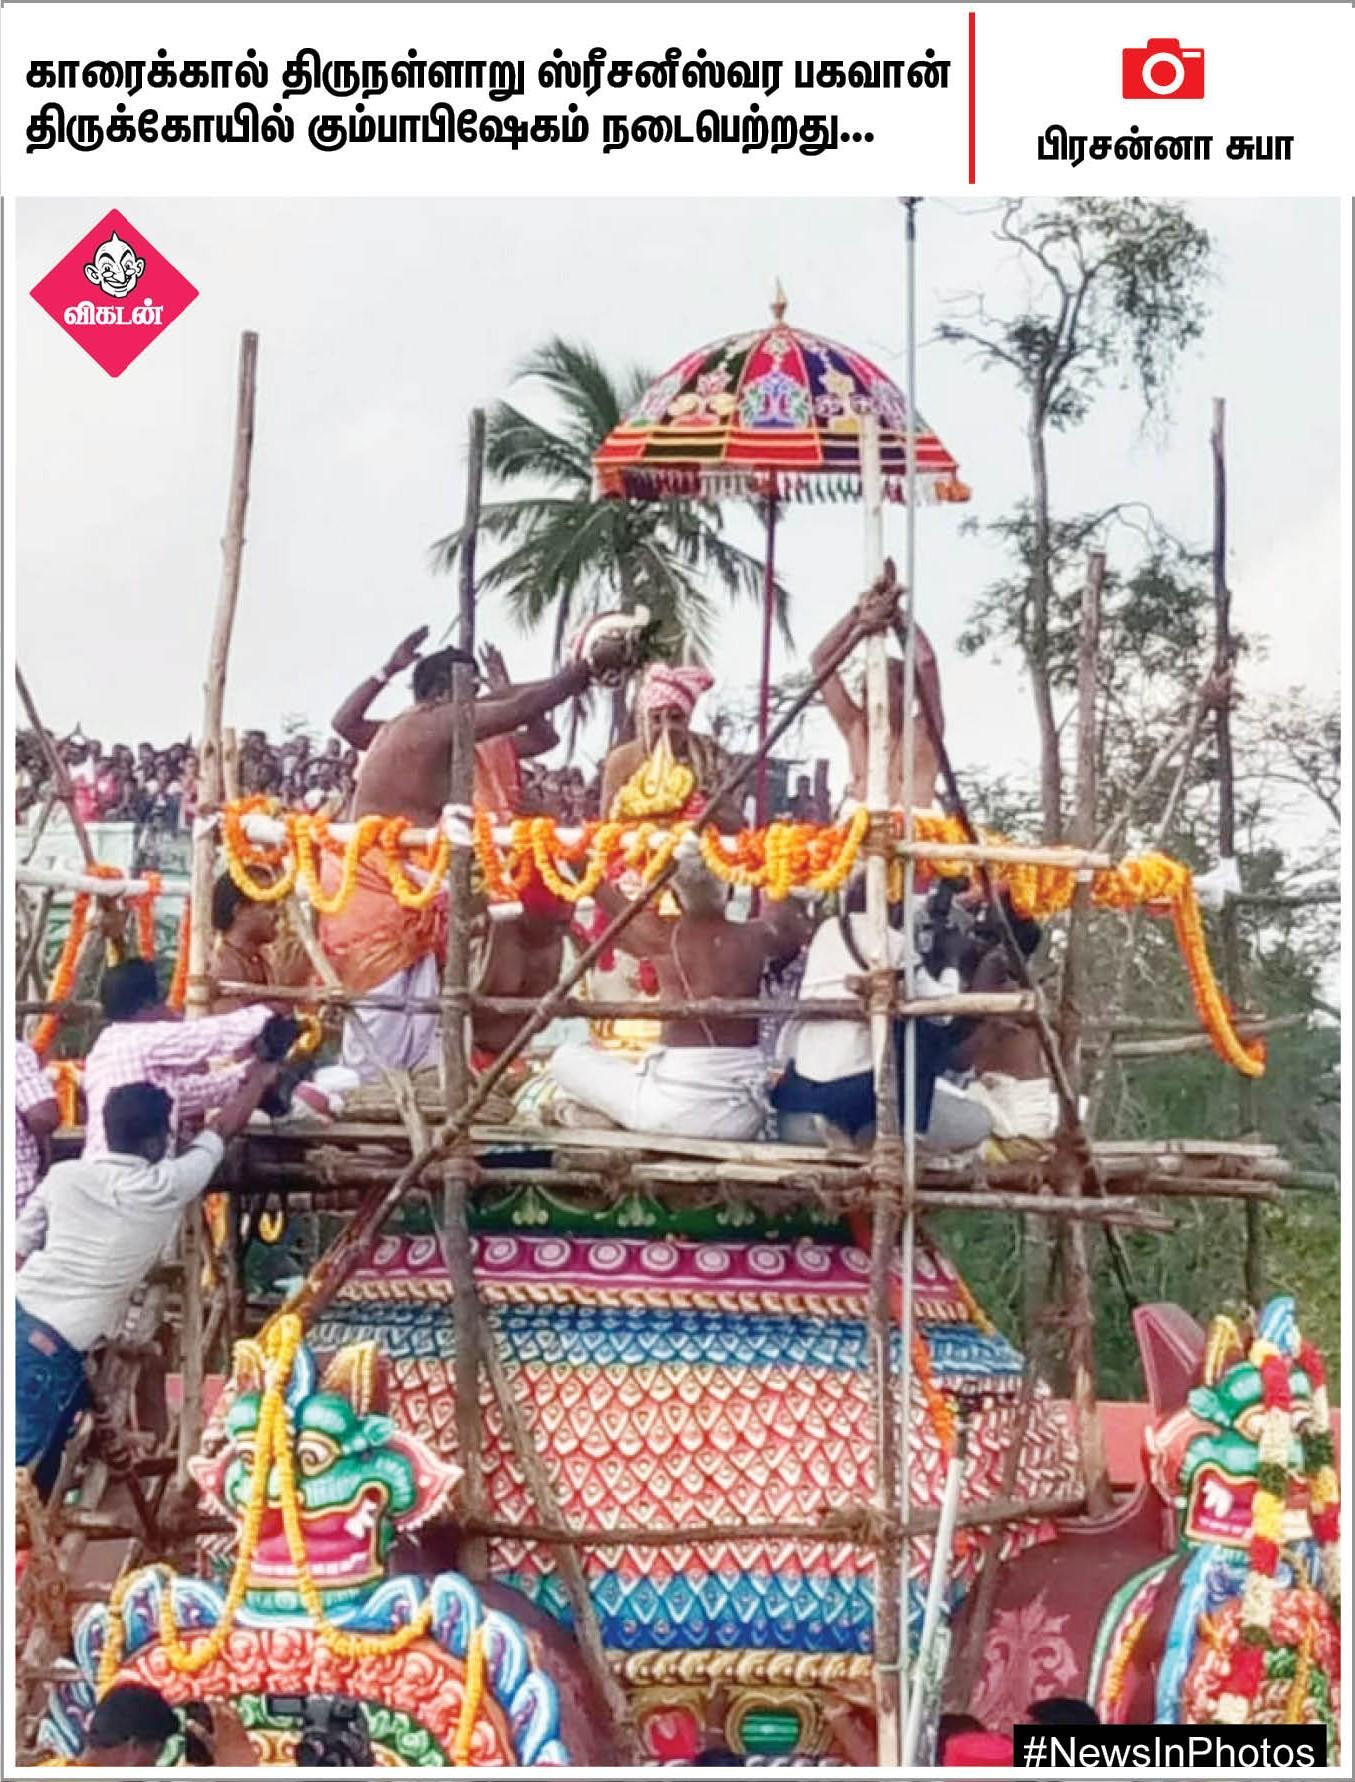 ஜல்லிக்கட்டுக் காளையிடமிருந்து தப்பித்த இளம்பெண்... ரம்மியமான சேர்வலார் அணை... #NewsInPhotos